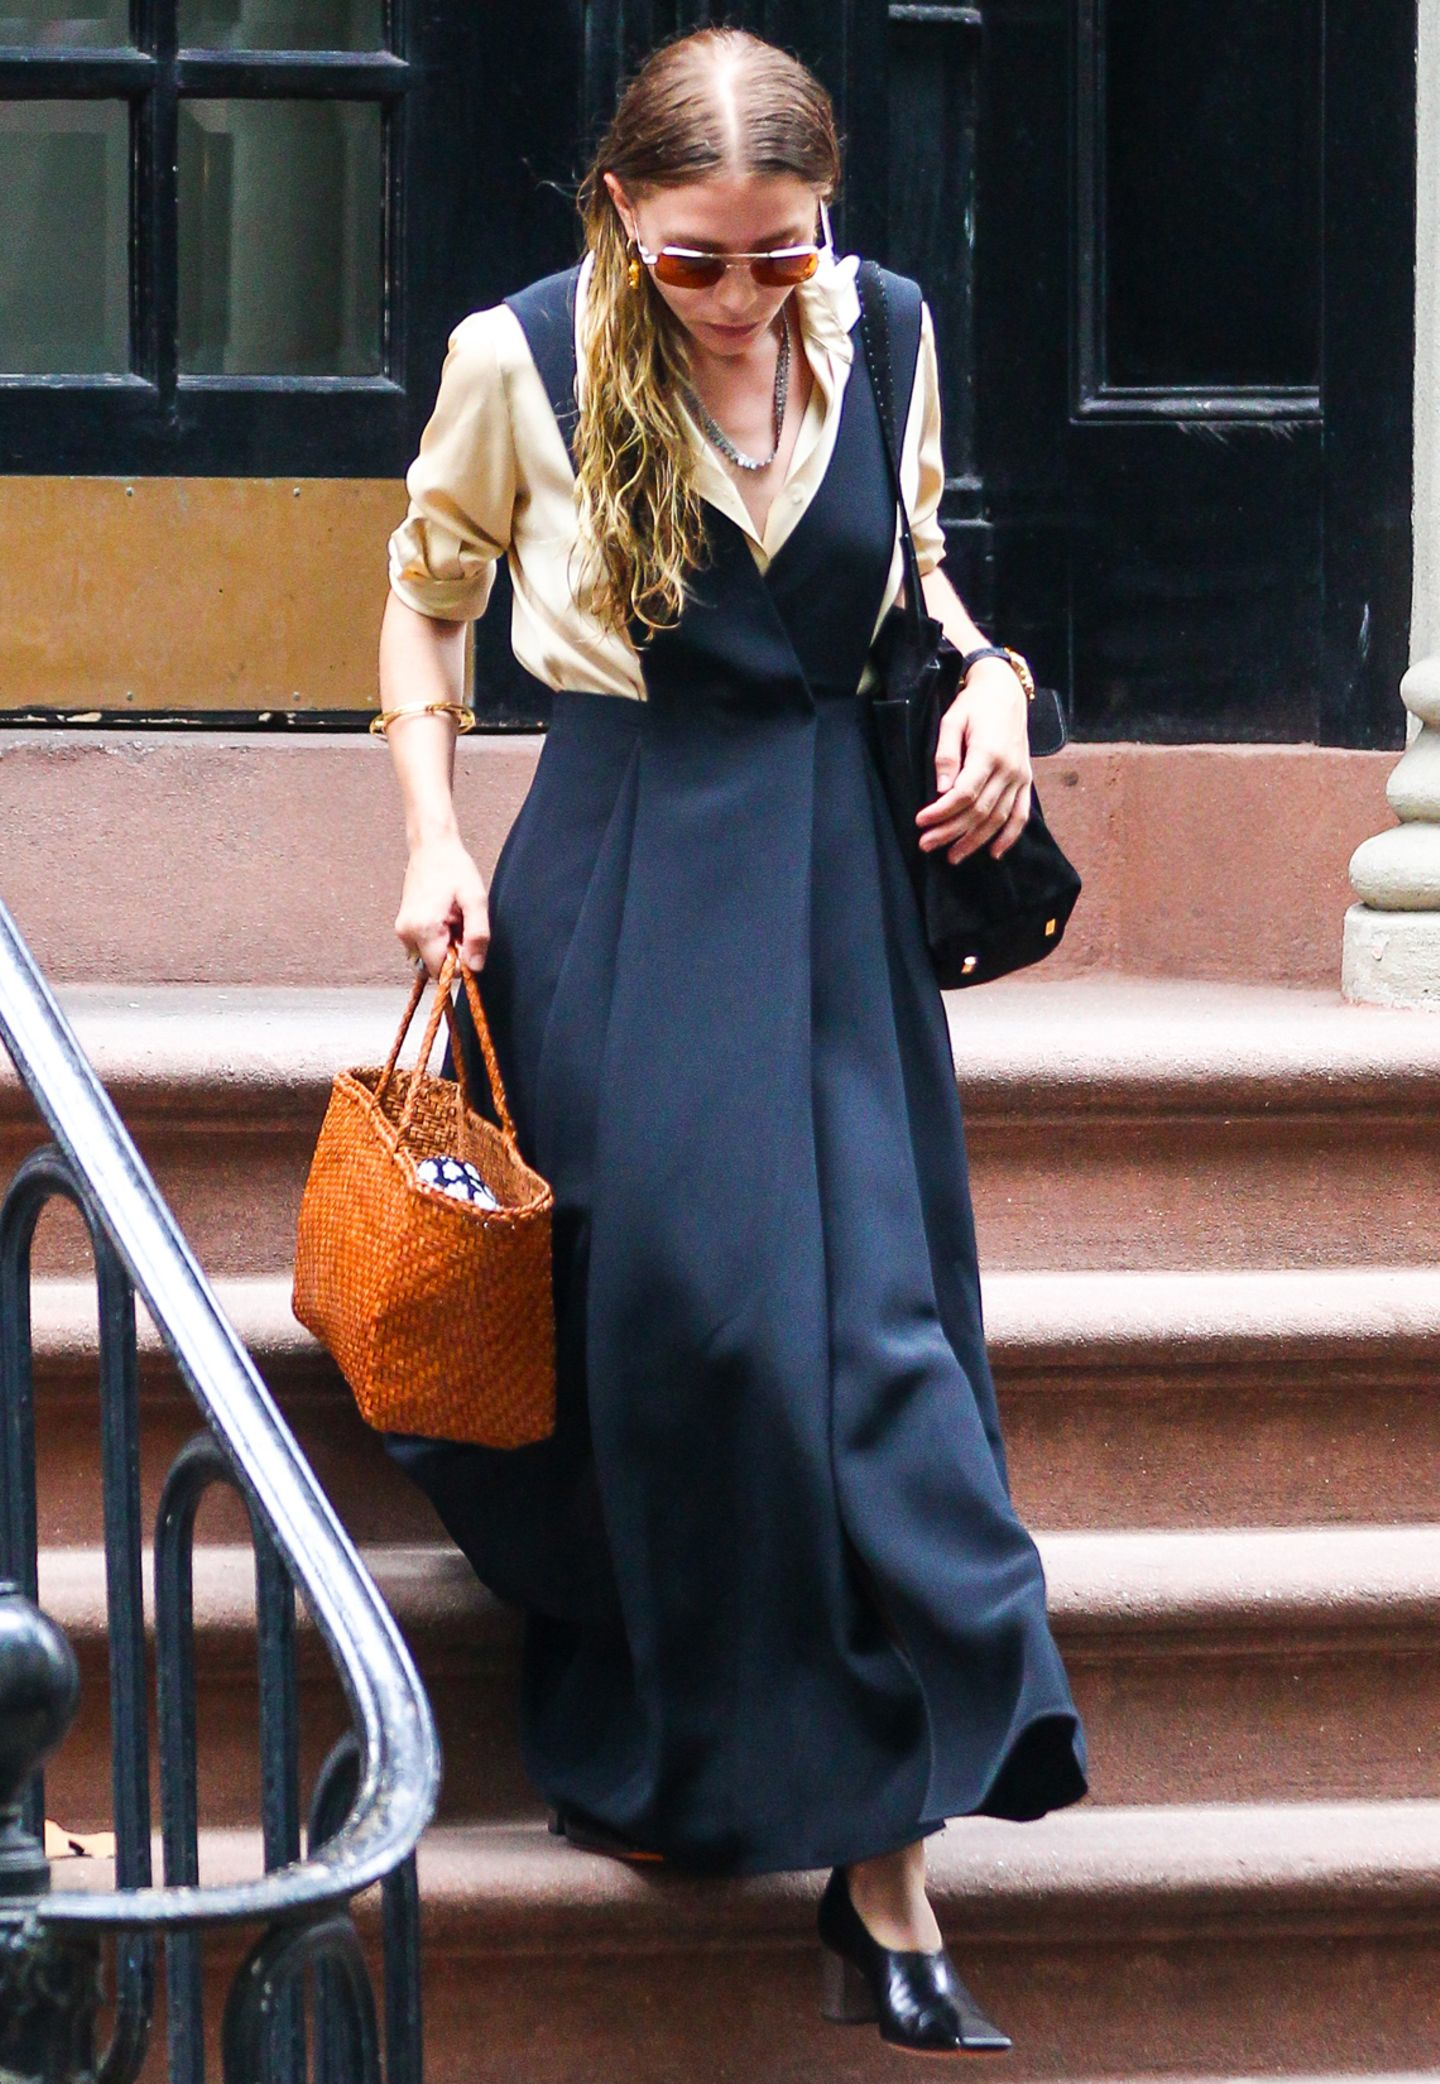 Nicht nur das Kleid von Ashley Olsen scheint aus einer anderen Zeit zu stammen, auch ihre letzte Haarwäsche scheint deutlich in der Vergangenheit zu liegen. Gebückte Haltung und Schlabber-Bluse lassen die ehemalige Style-Queen Ende 2015 zu Granny-Olsen werden.